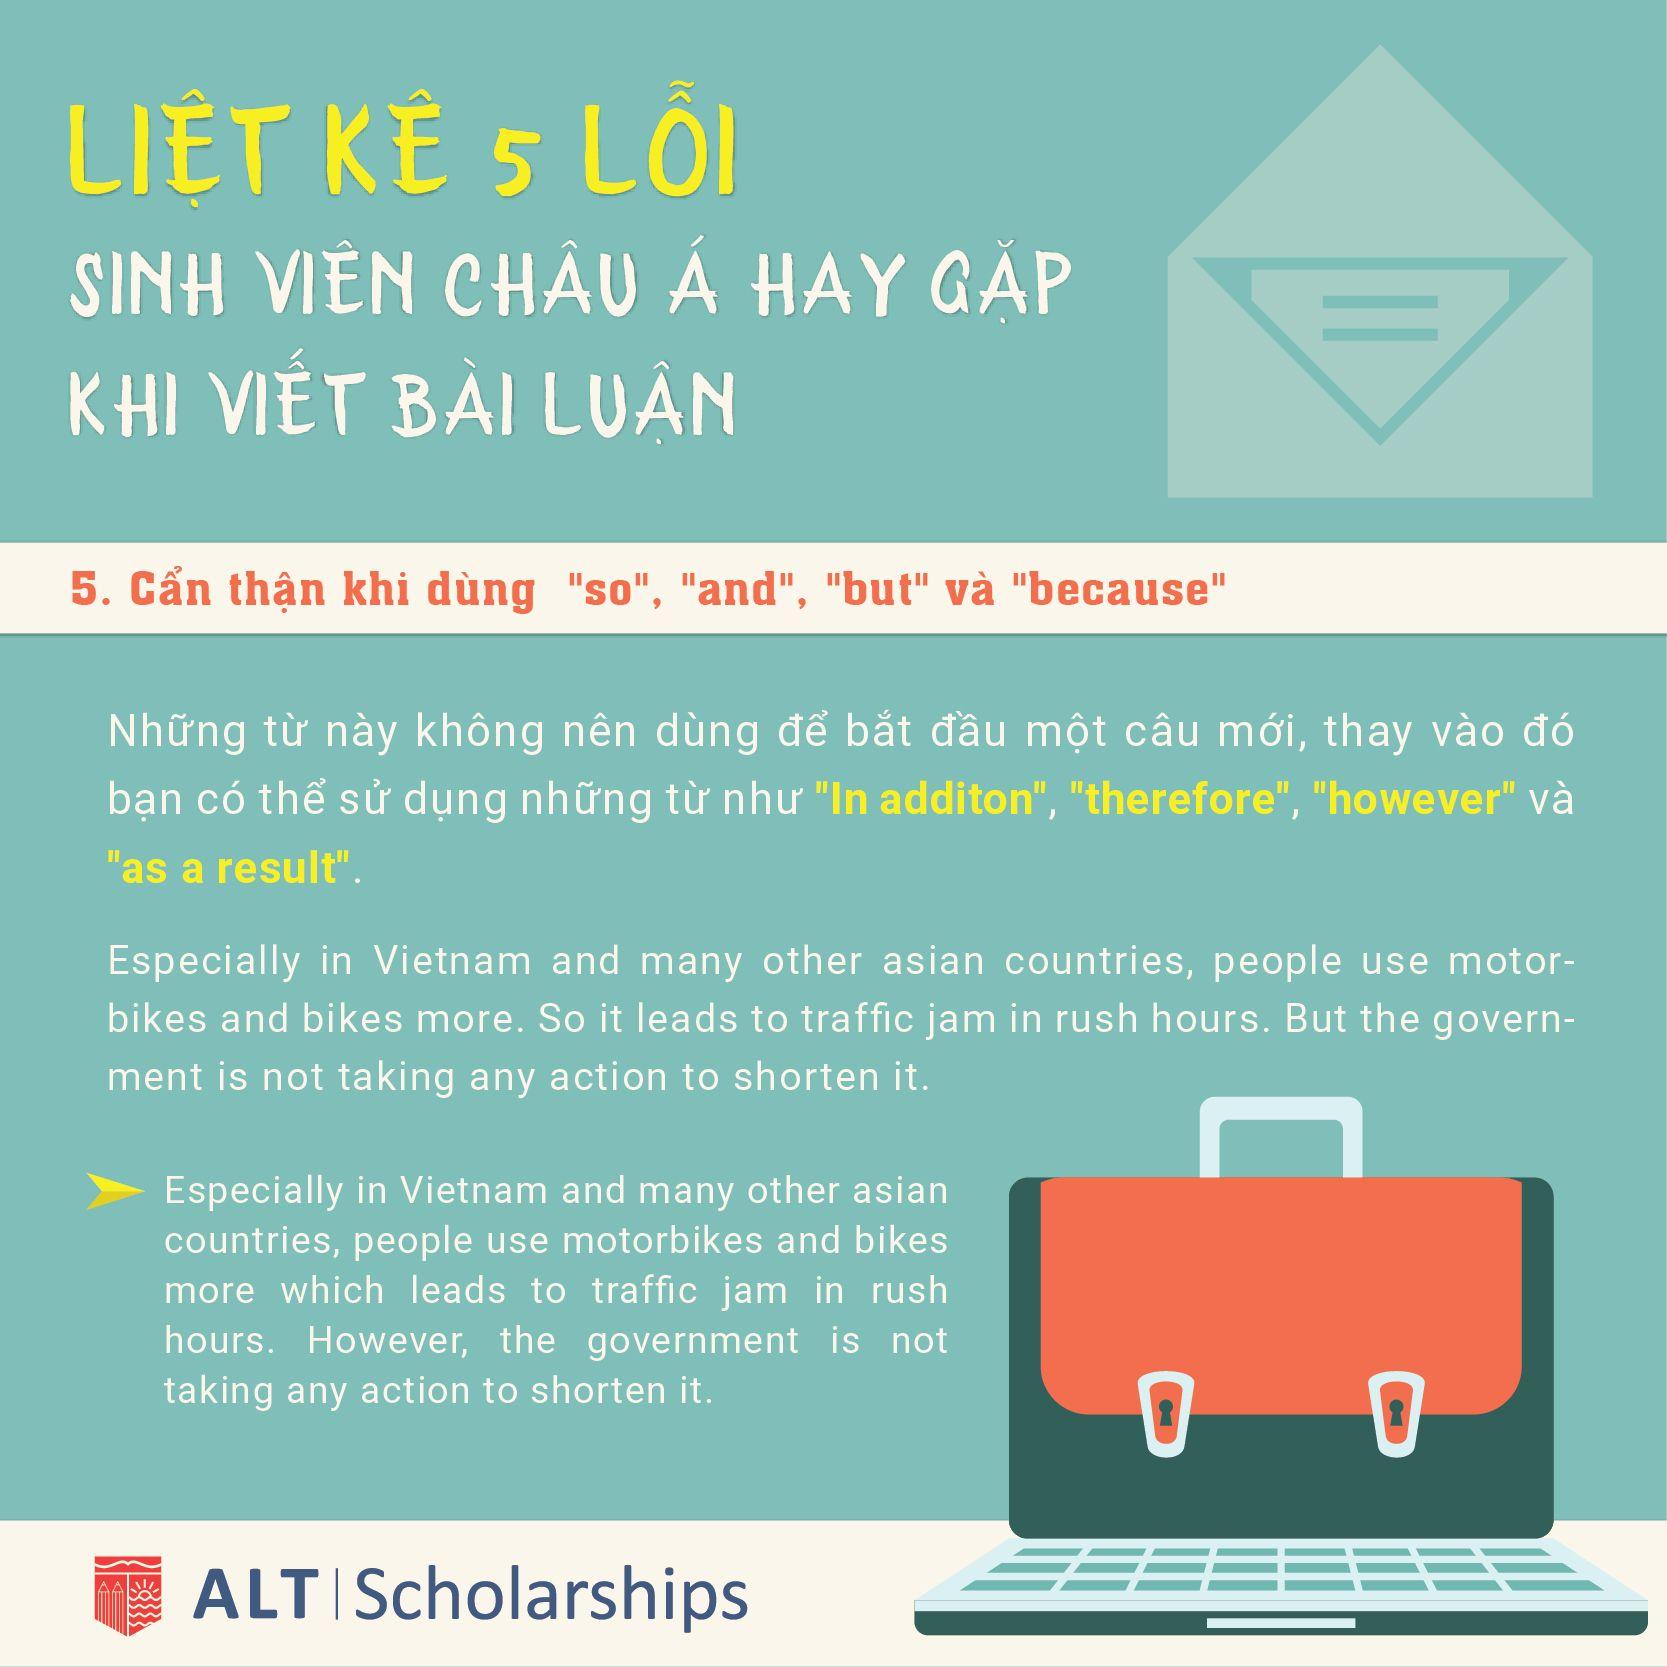 """Sinh Viên Châu Á nên Cẩn thận khi dùng """"so"""", """"and"""", """"but"""" và """"because""""  Tìm hiểu các chương trình học bổng của Trung Tâm ALT, vui lòng đăng ký tại: http://bit.ly/scholarship-students"""